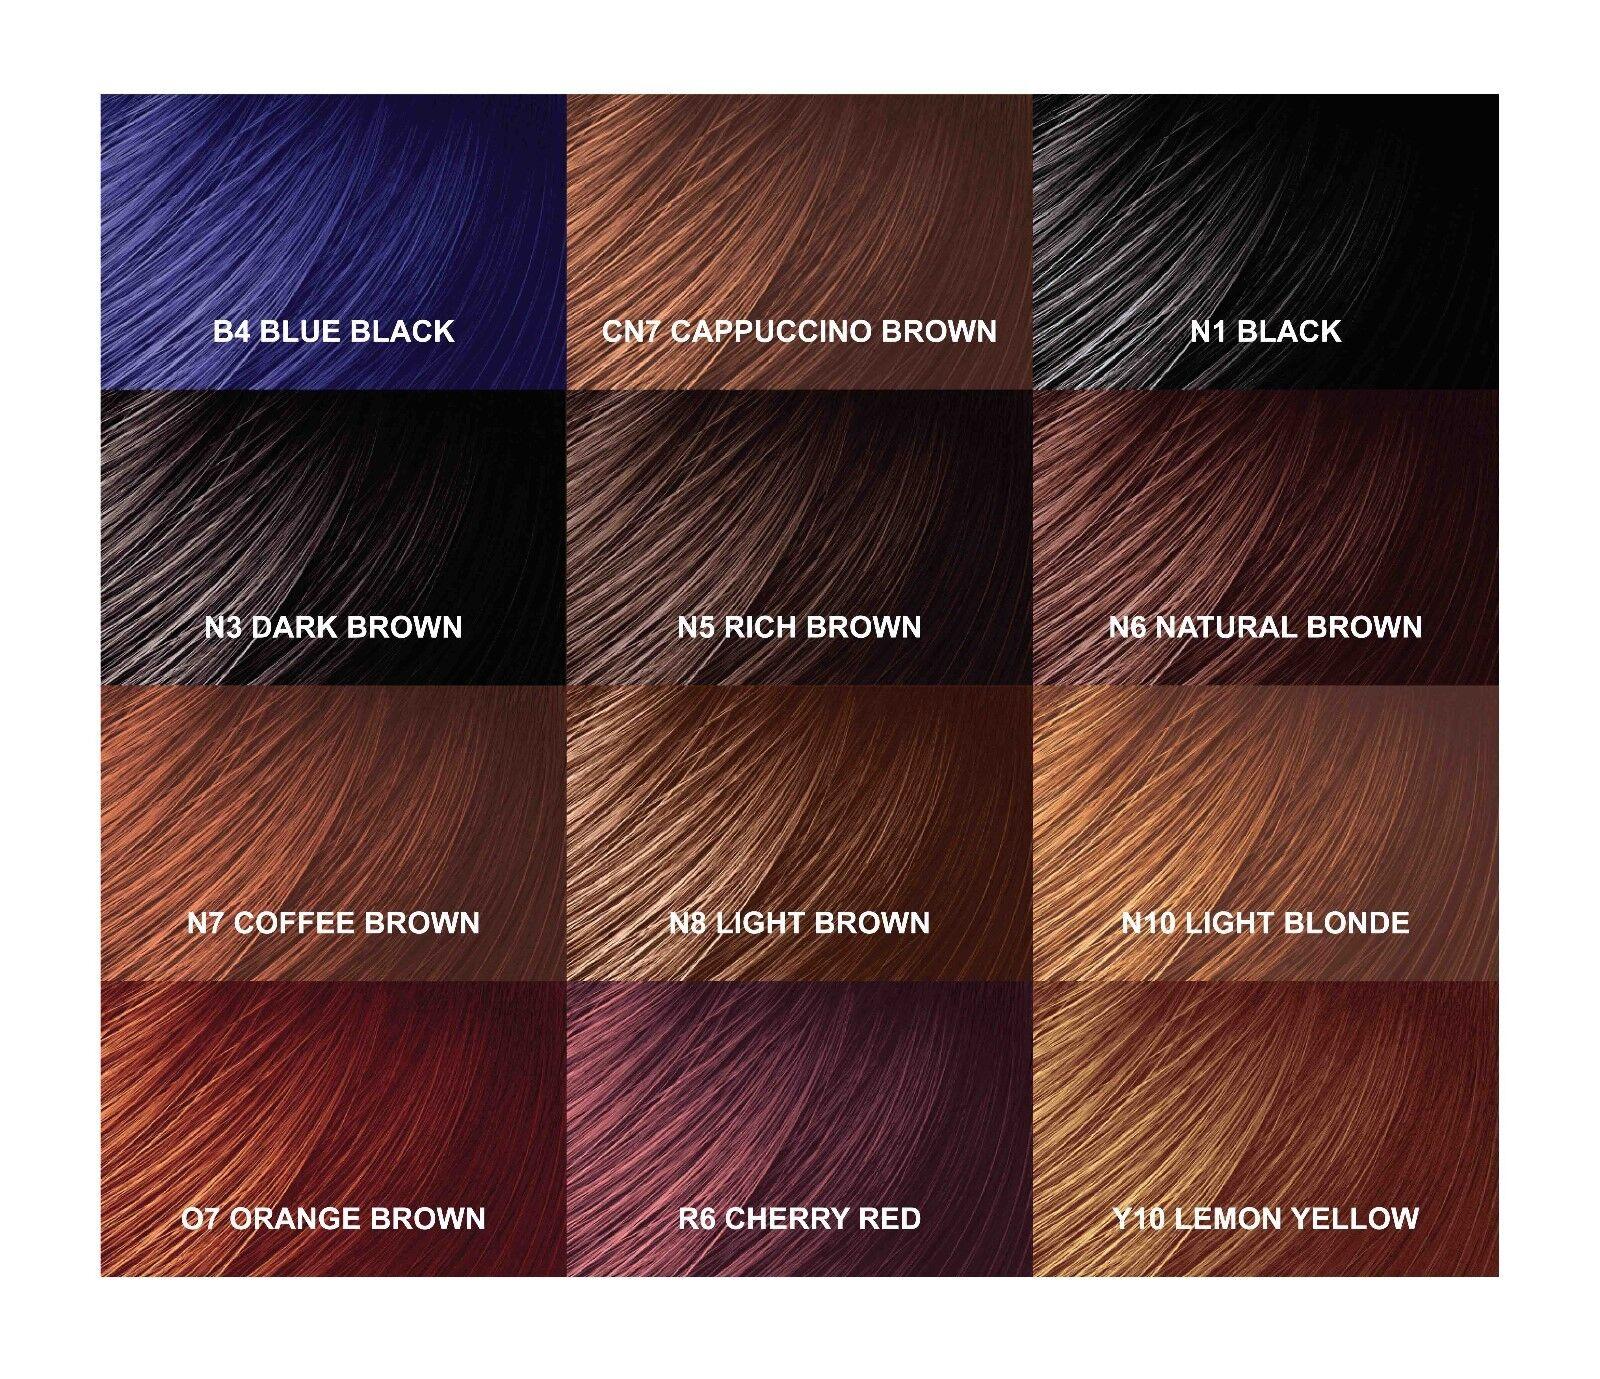 Zotos hair color chart